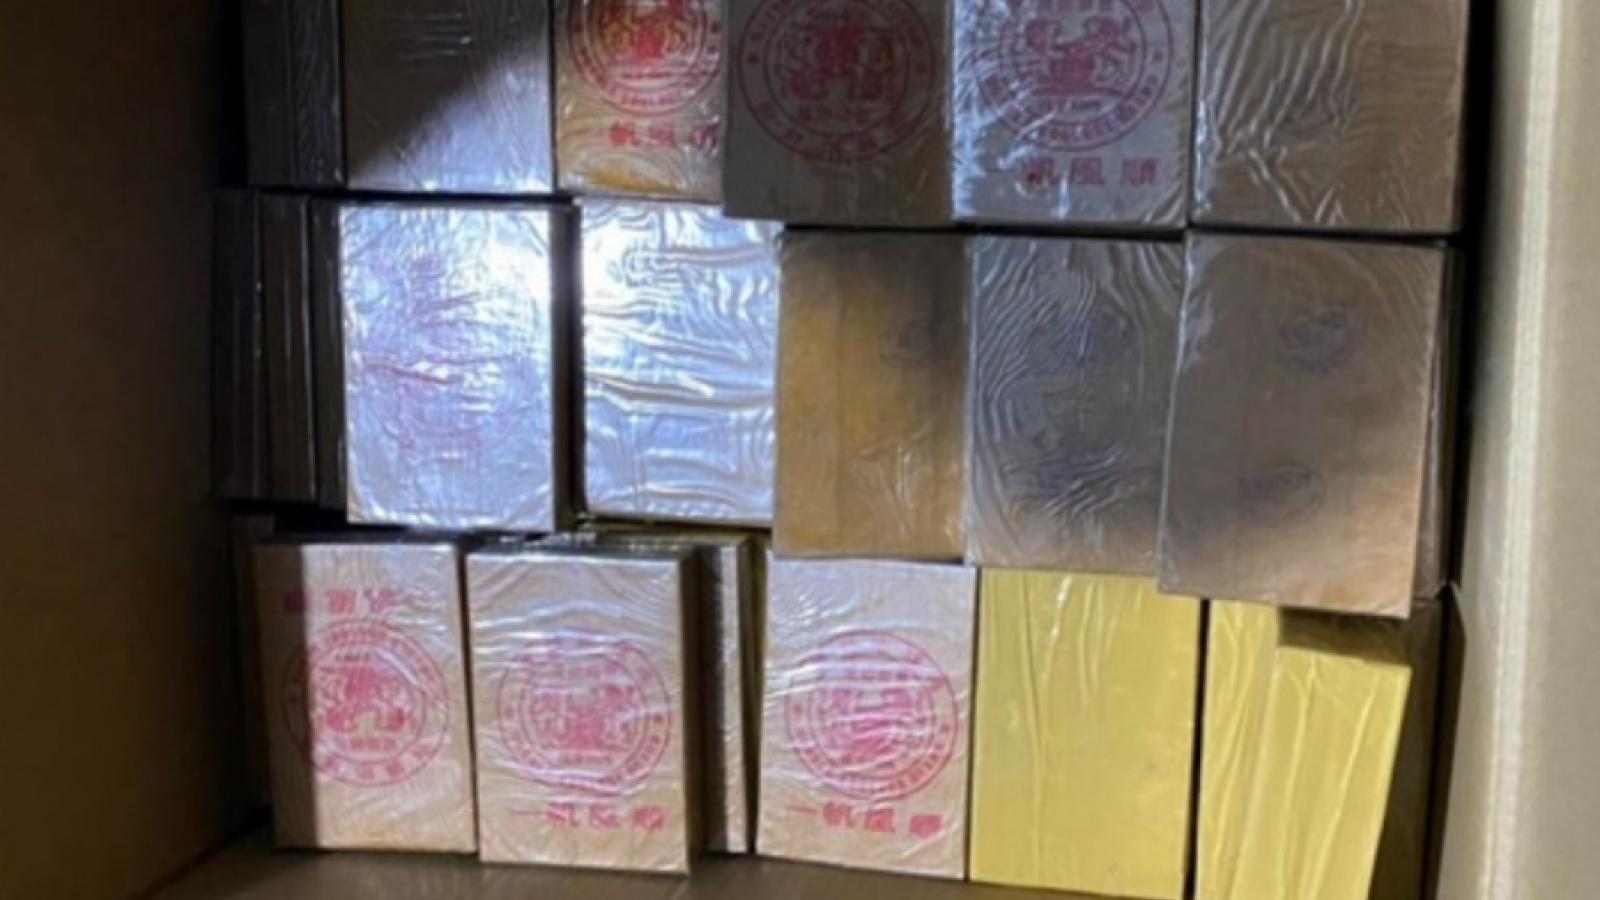 TPHCM triệt phá 3 đường dây vận chuyển, mua bán gần 220 kg ma túy từ Campuchia